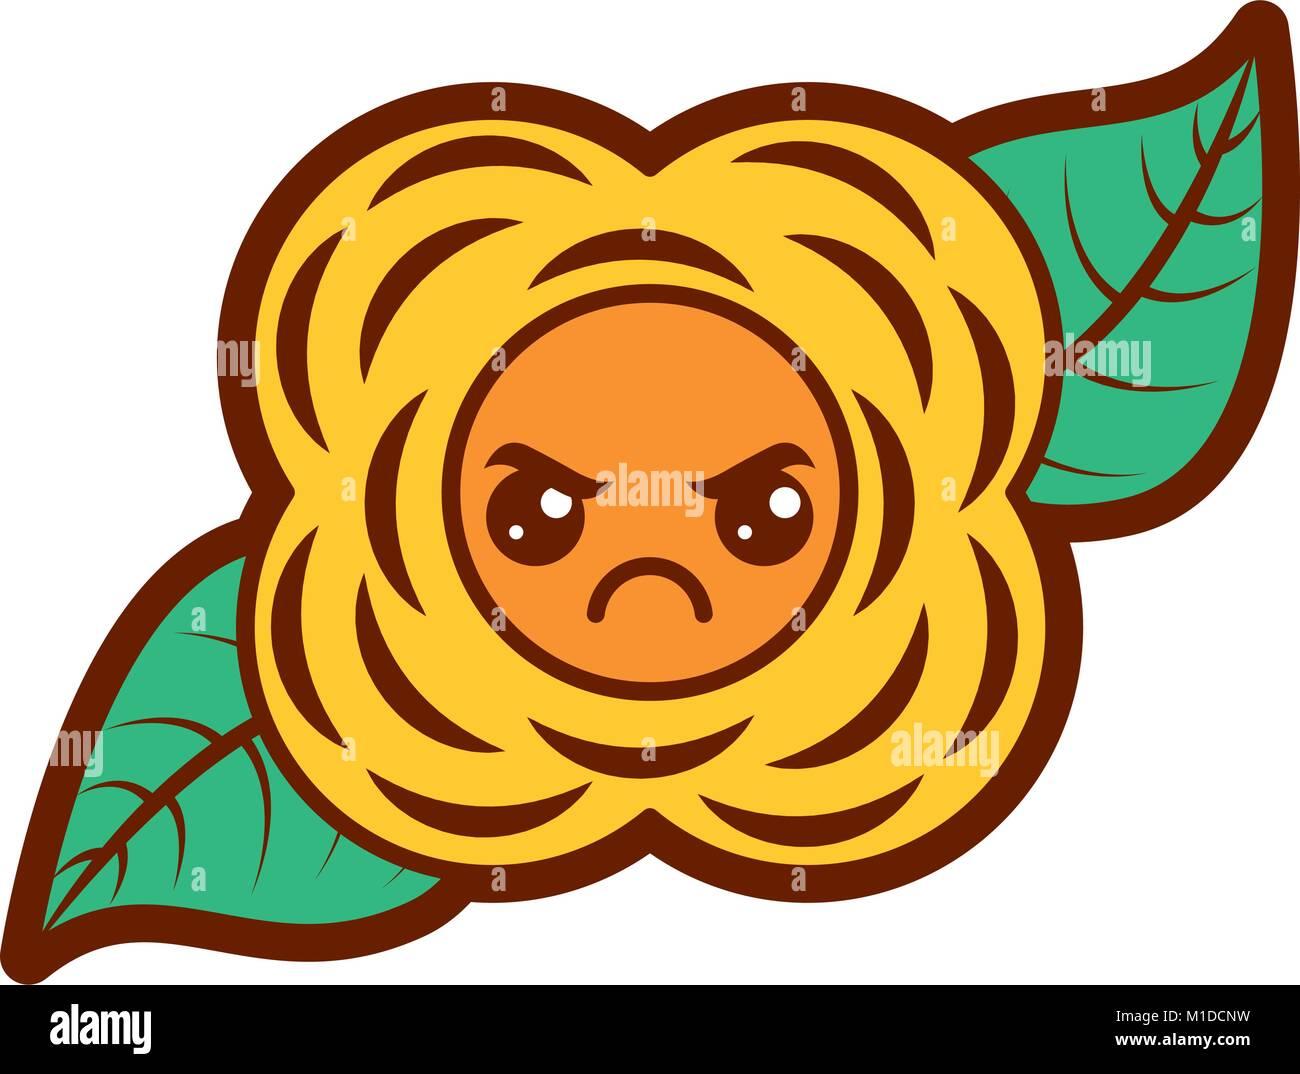 Yellow Flower Icon Cartoon Style Stock Photos Yellow Flower Icon